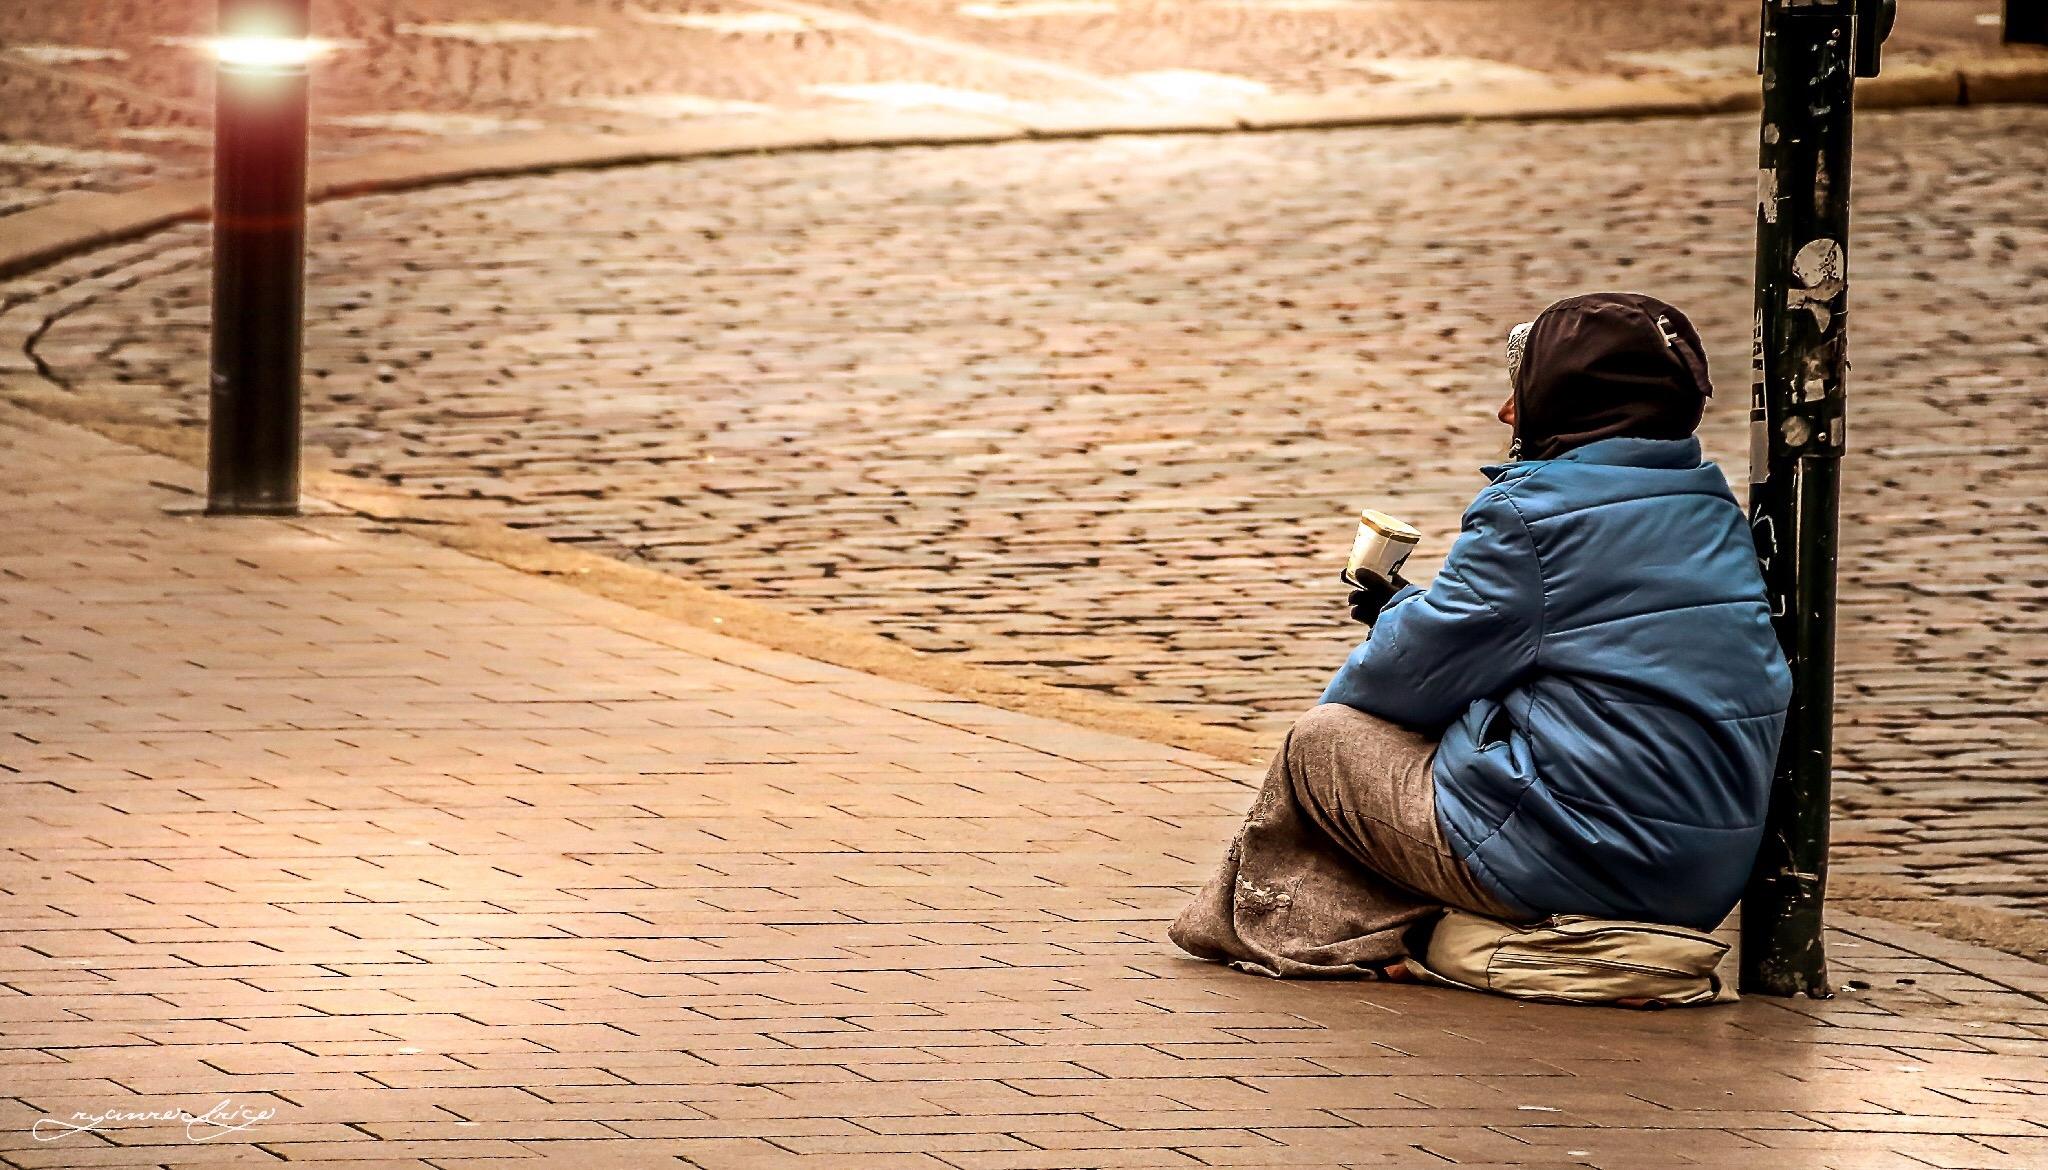 homeless reseach essay